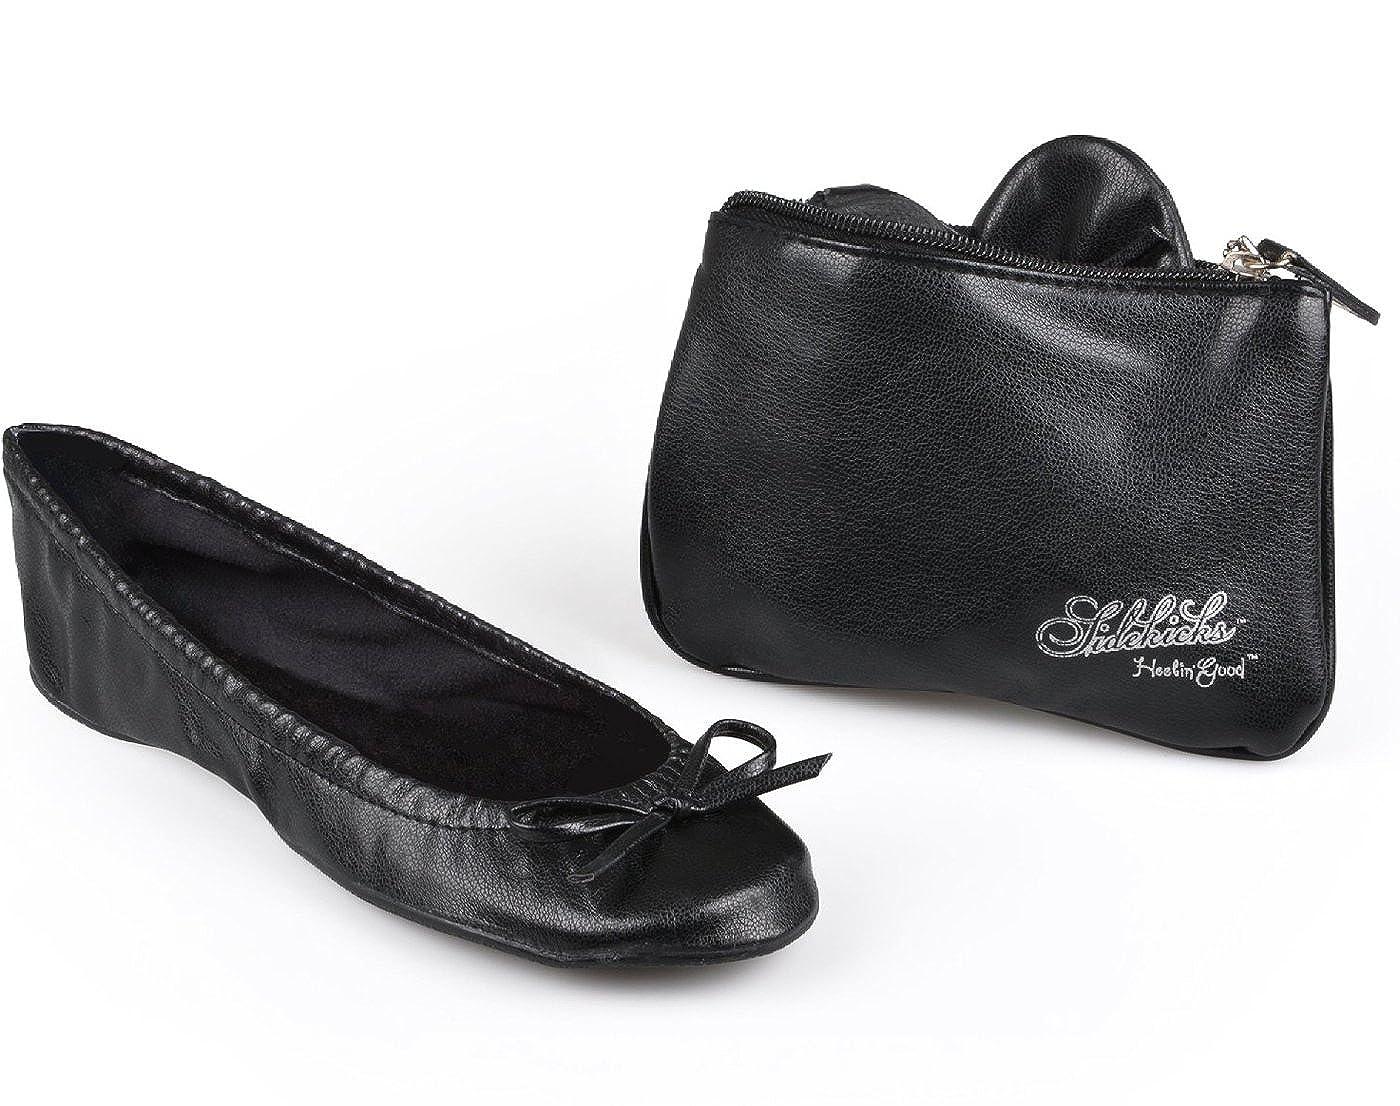 Sidekicks Womens Foldable Ballet Flats w/ Carrying Case B006X410SS Parent